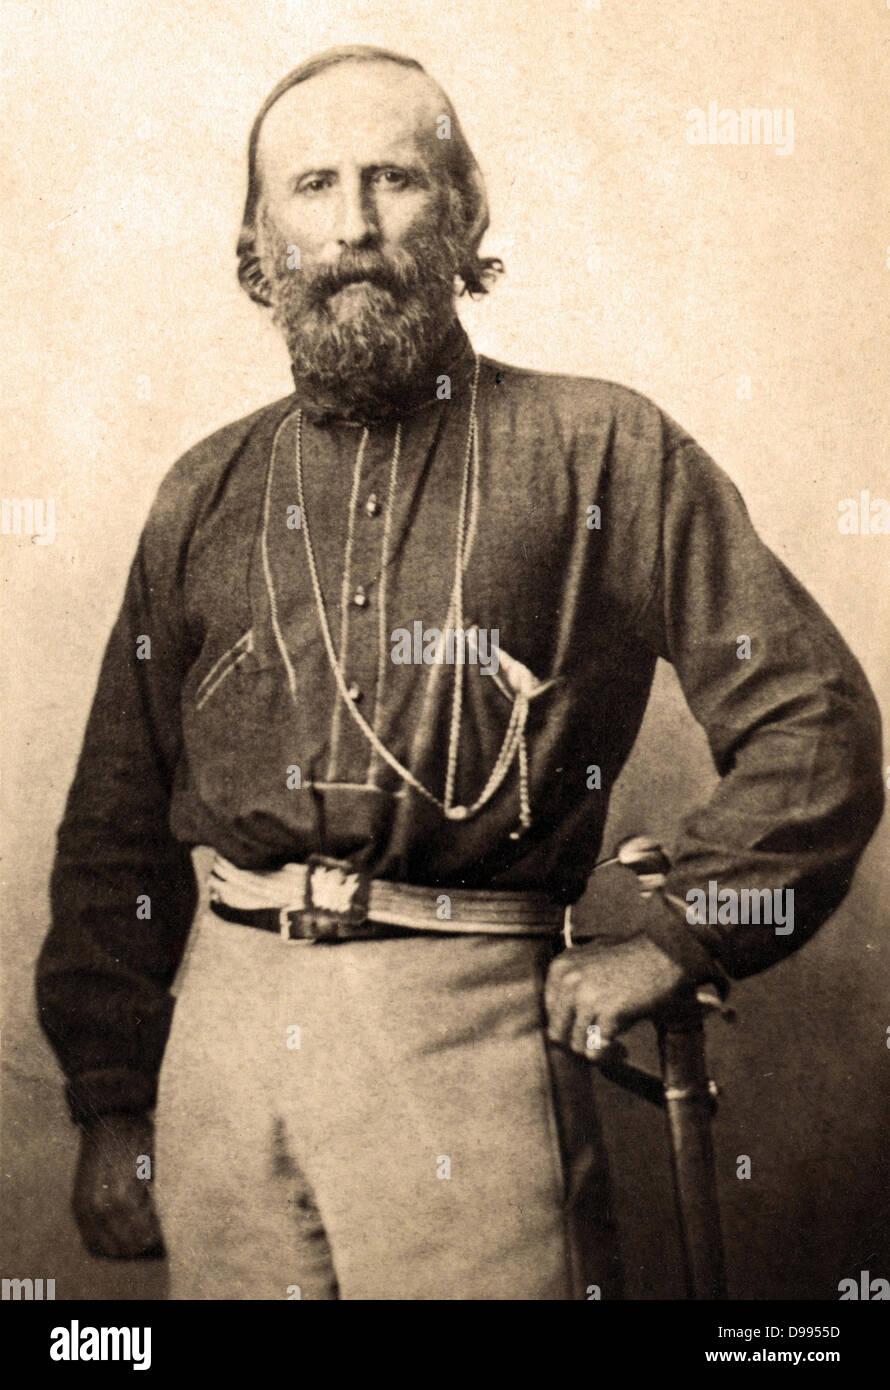 Giuseppe Garibaldi (1807-1882)en Nápoles, Italia, 1861. Soldado italiano, nacionalista y político. Retrato Imagen De Stock